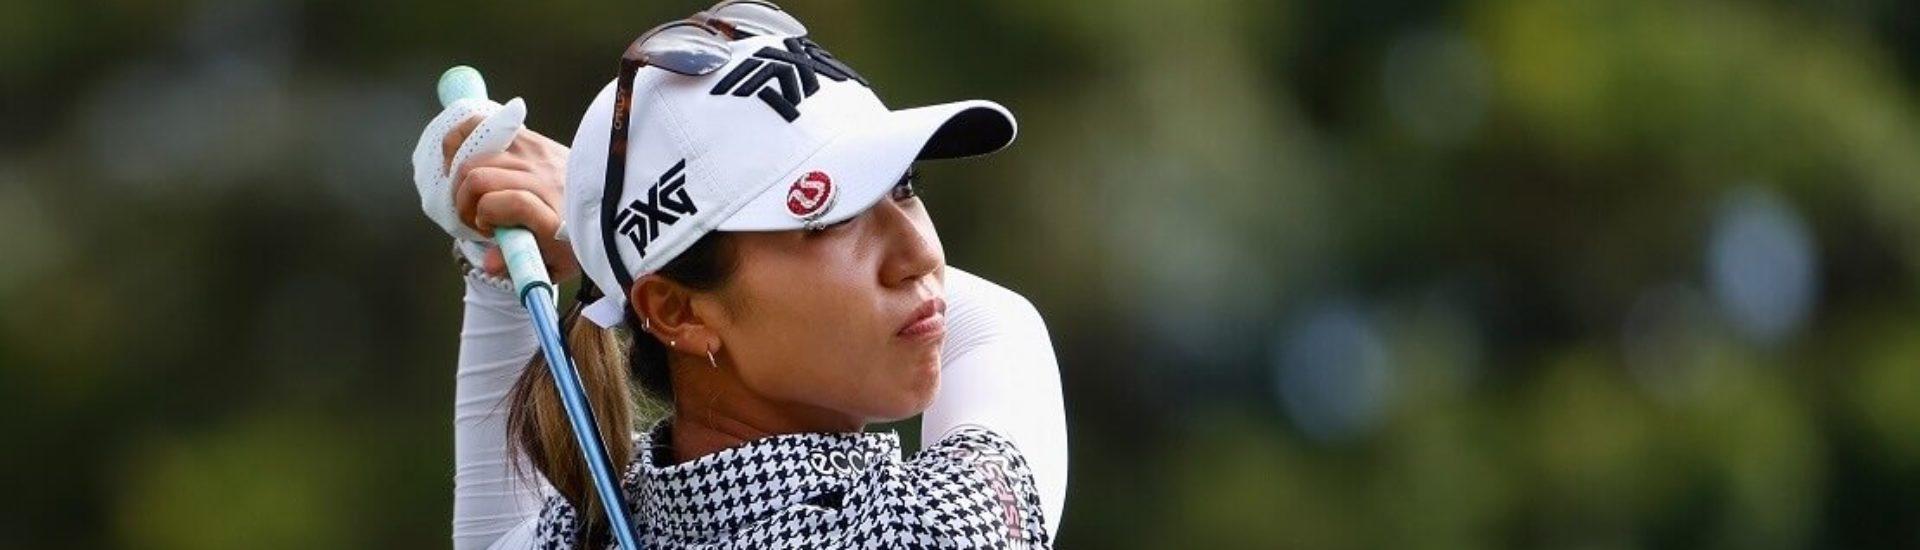 Golf-Stars und ihr Leben #22: Lydia Ko